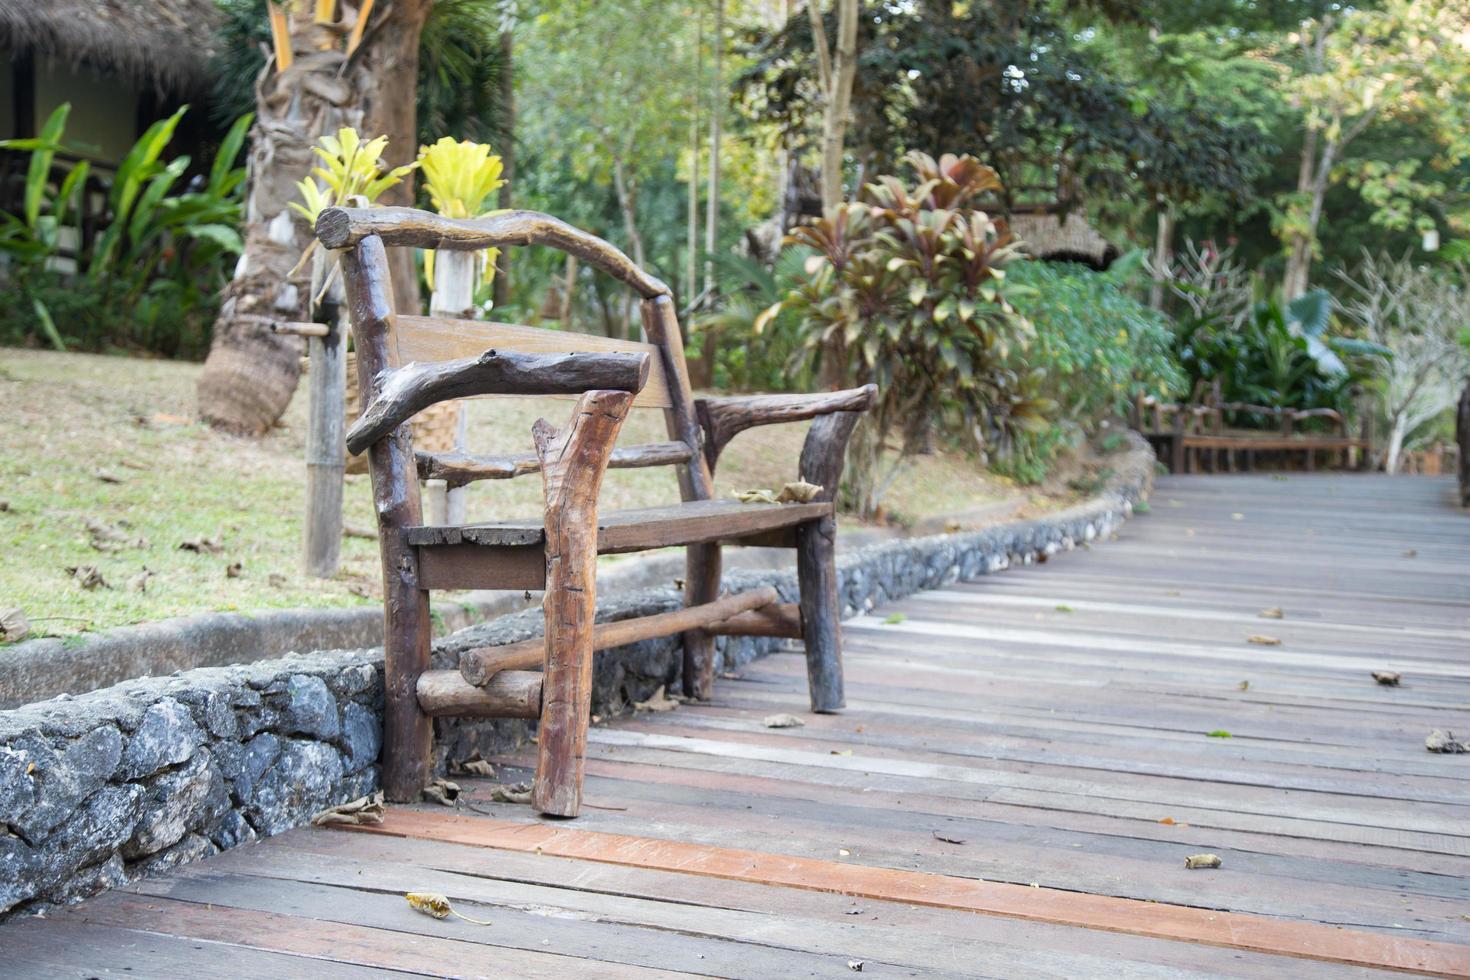 banco de madera en el parque foto